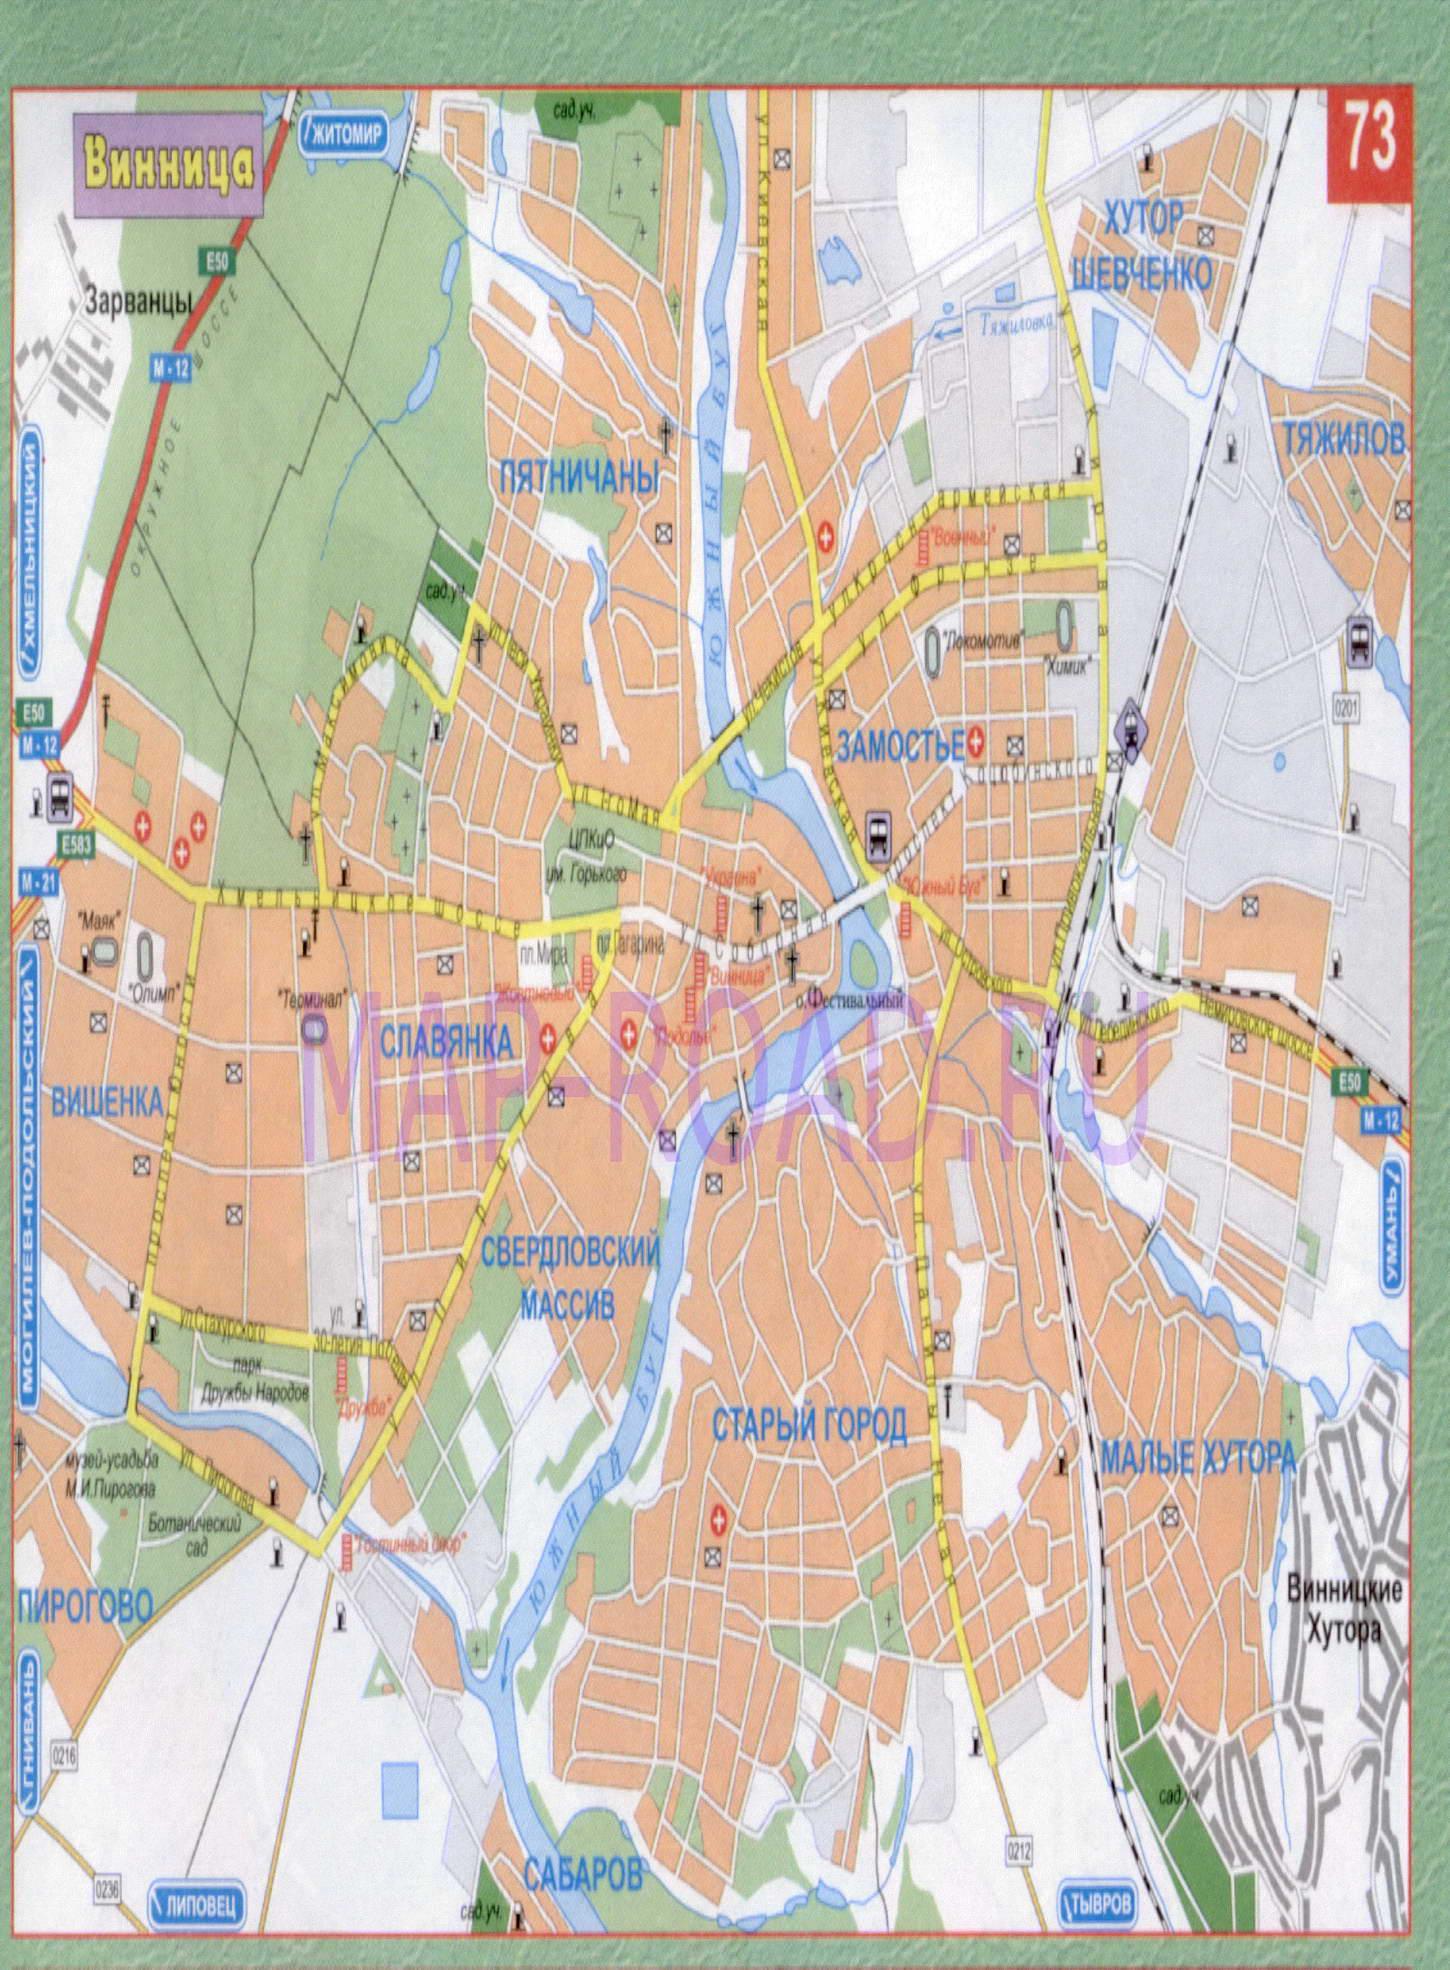 Карта Винницы. Карта улиц г Винница, A0: http://rus-atlas.ru/map434588_0_0.htm